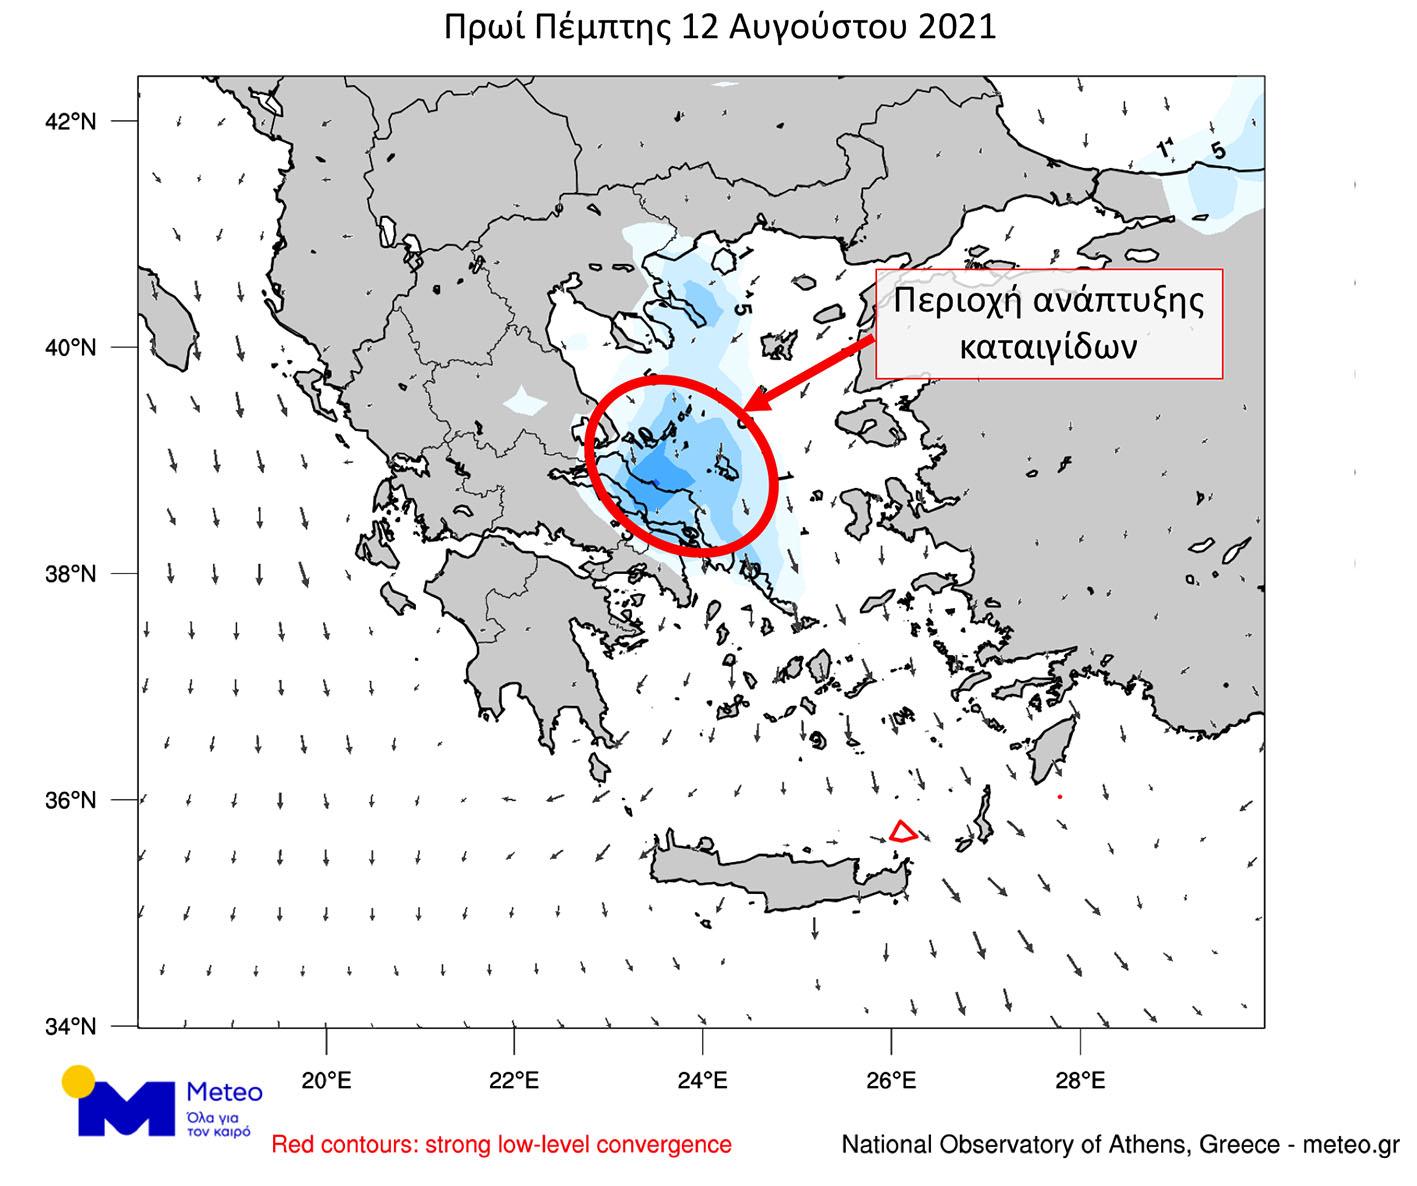 meteo-allazei-apo-simera-o-kairos-kataigides-stin-eyvoia-tin-pempti1